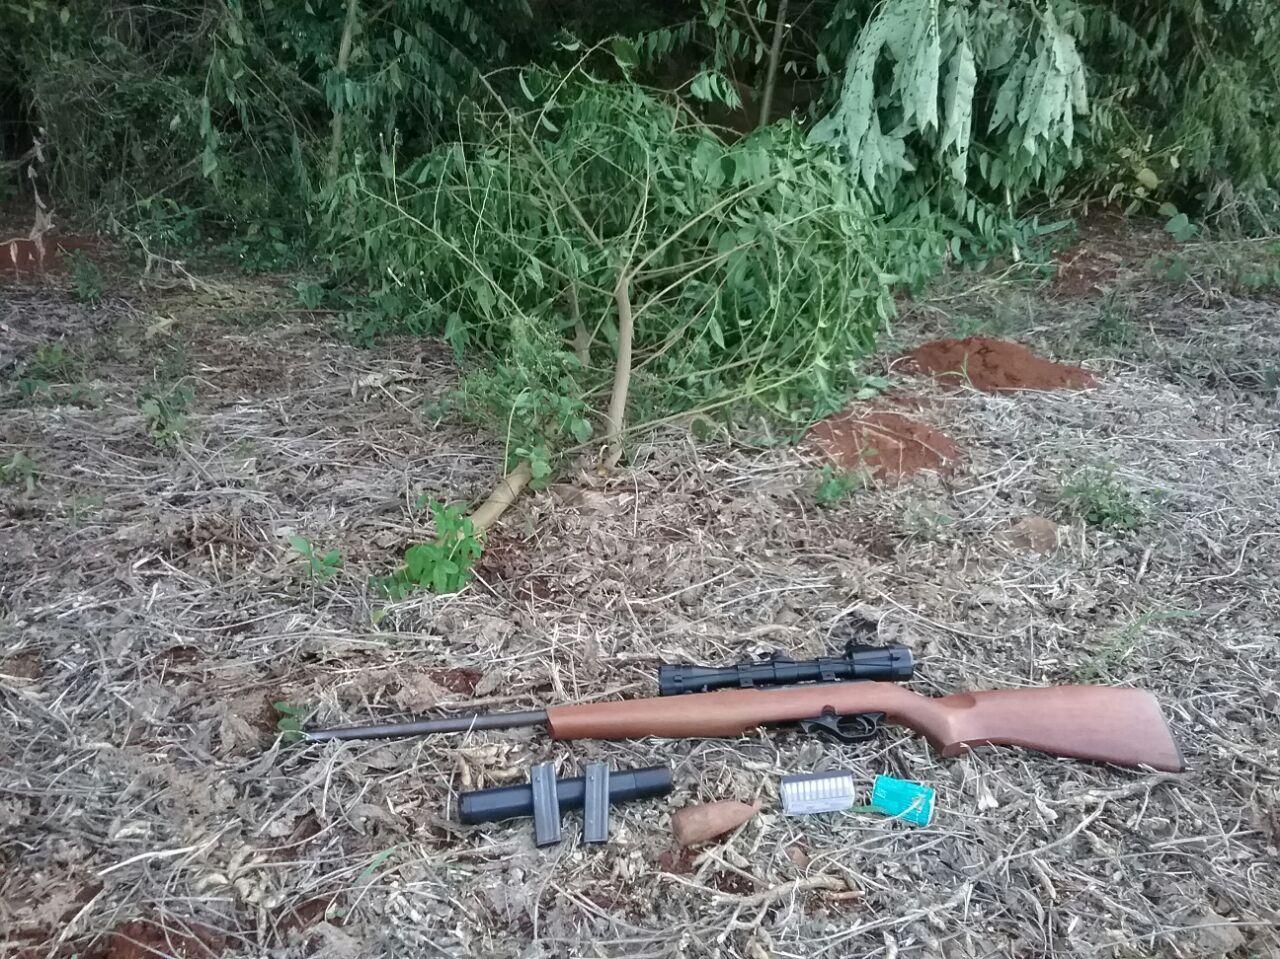 Polícia Militar apreende arma de fogo usada para caça de aves